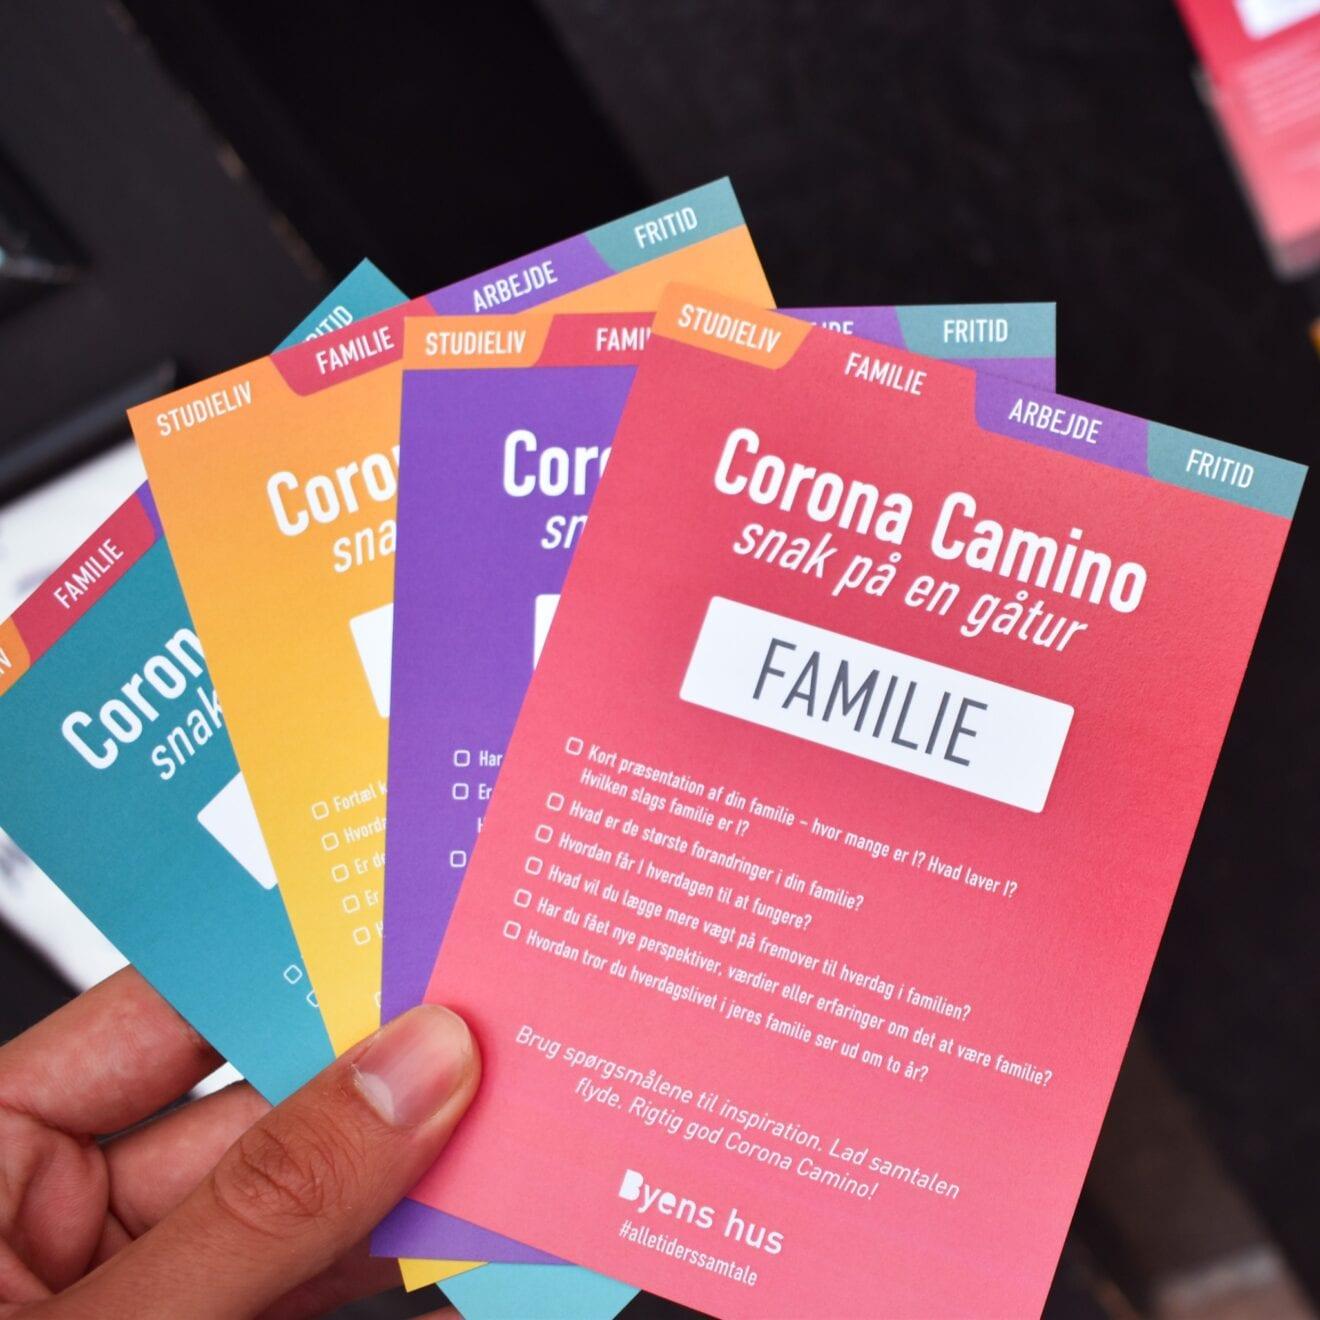 Brug for lidt selskab i juledagene? - Gå en Corona Camino!